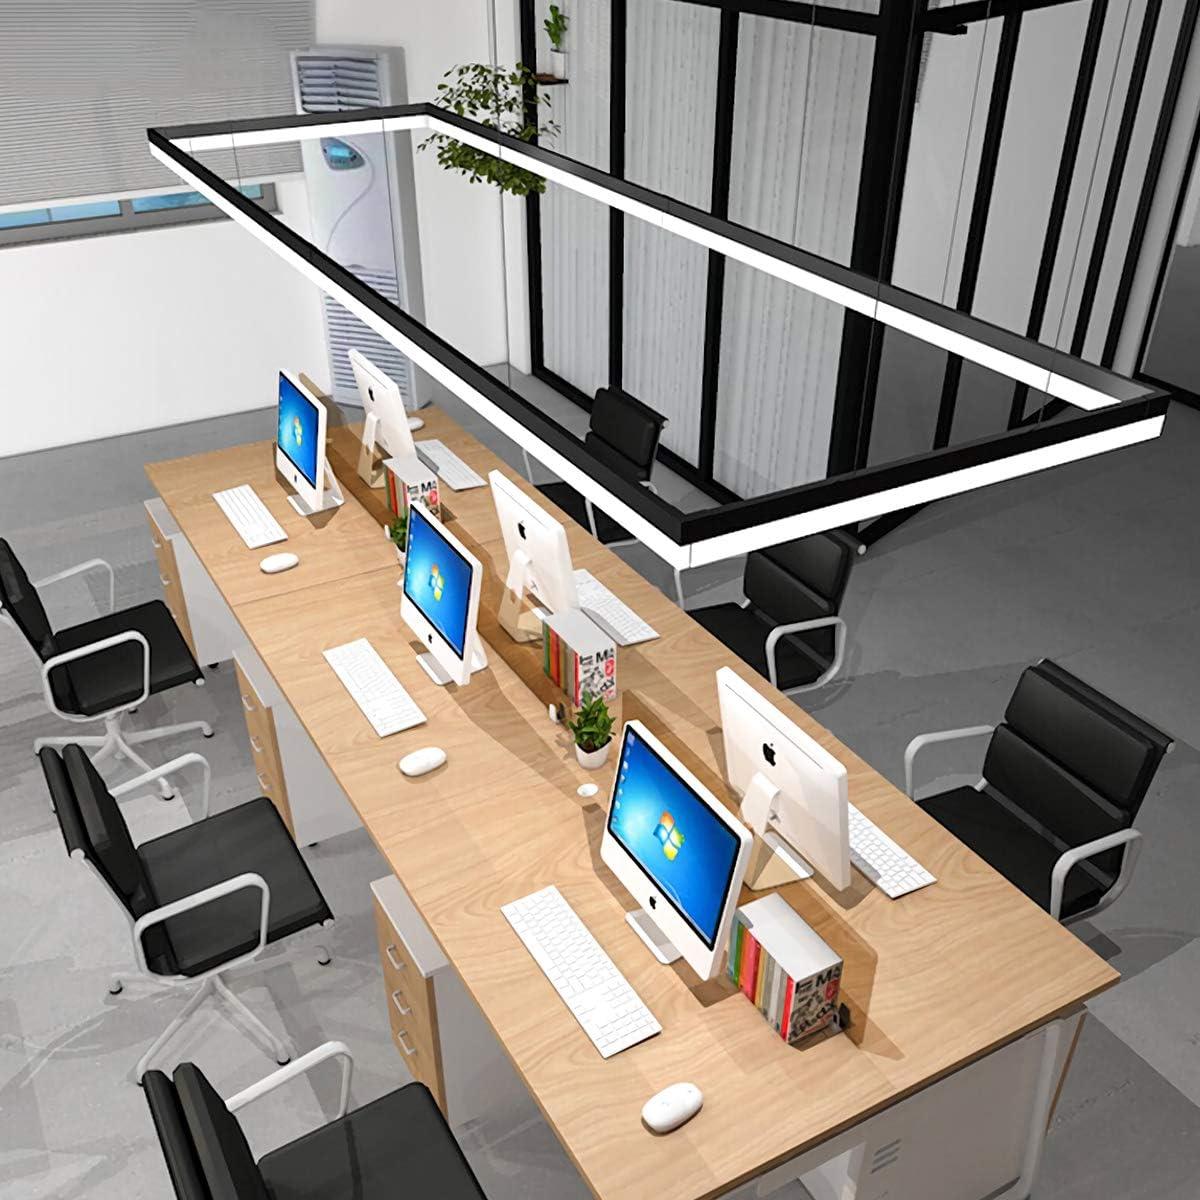 Abh/ängung 120 cm Panellampe mit Fernbedienung 54 Watt B/ürodeckenleuchte LED Pendelleuchte B/üro H/öhenverstellbar B/ürolampen Dimmbar Pendellampe Design Arbeitszimmer H/ängeleuchte